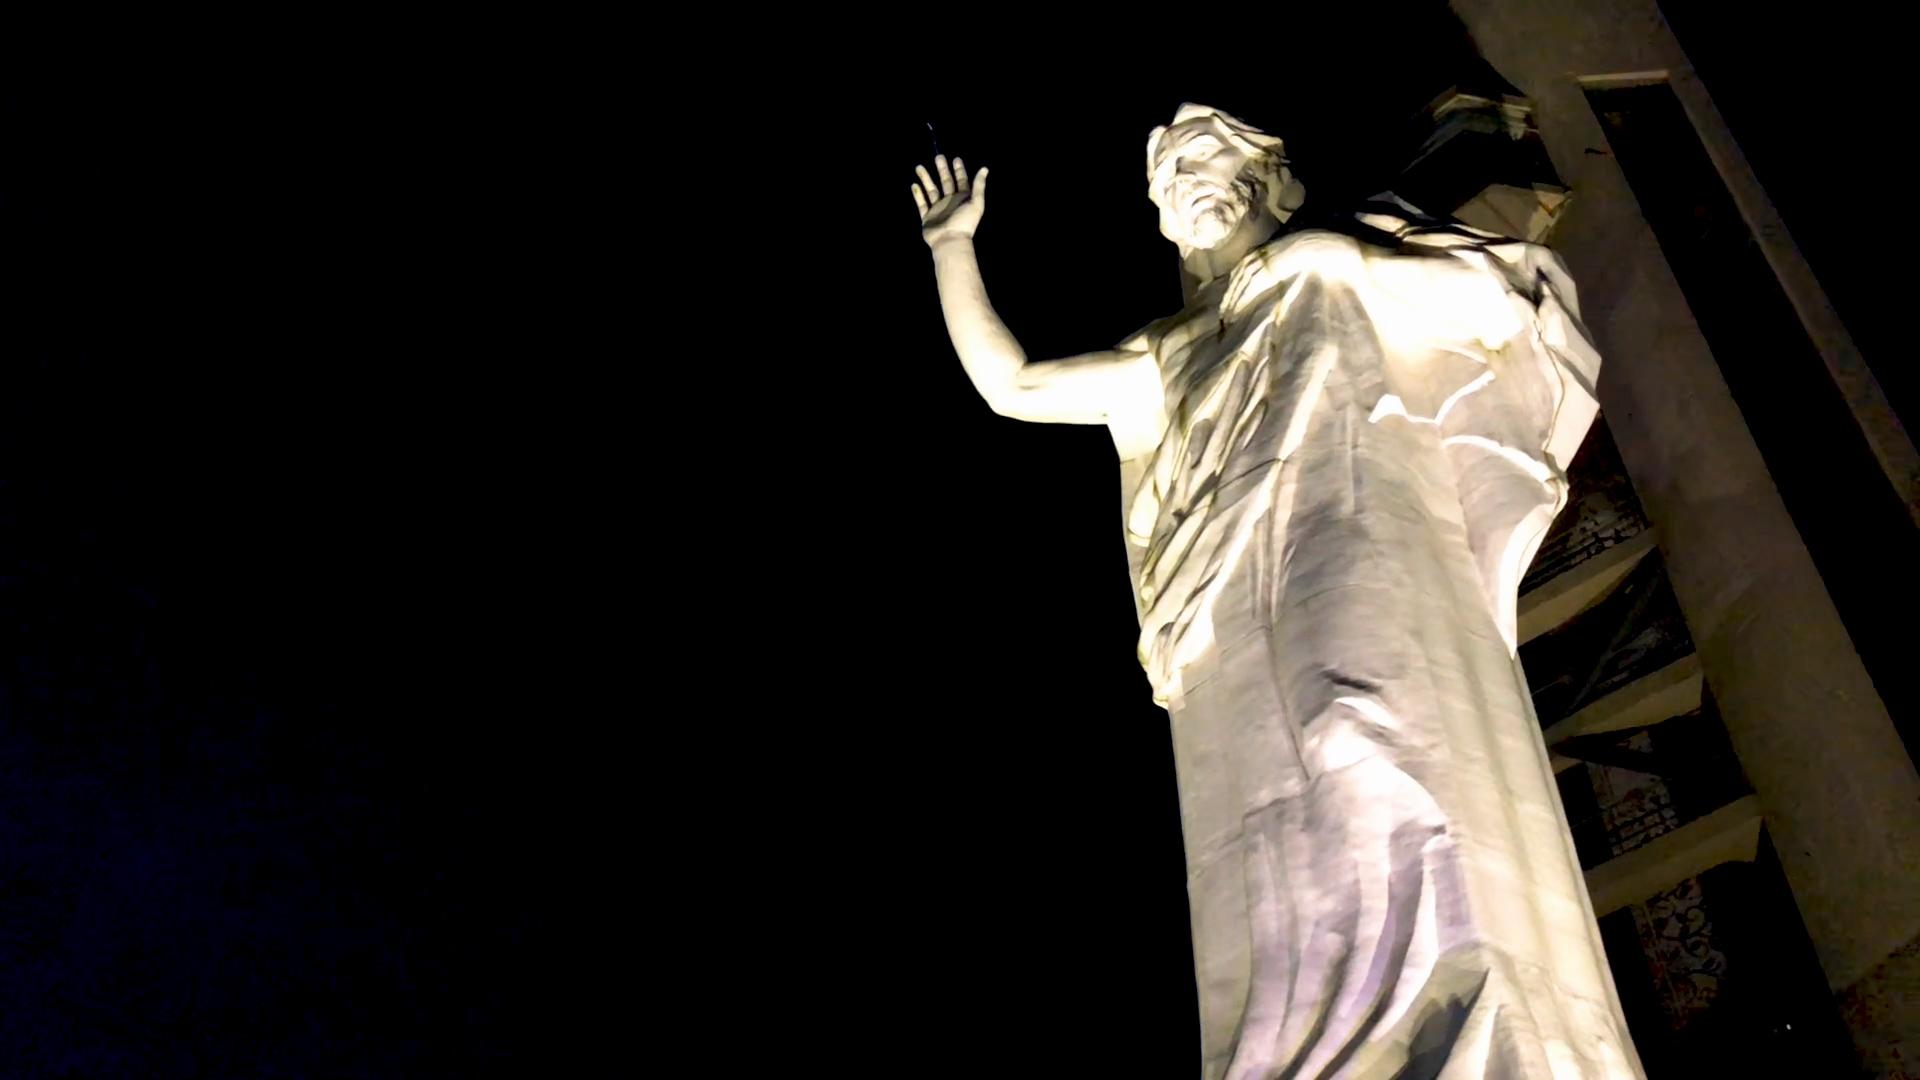 Christ statue at the Ecoparque Cerro del Santísimo.